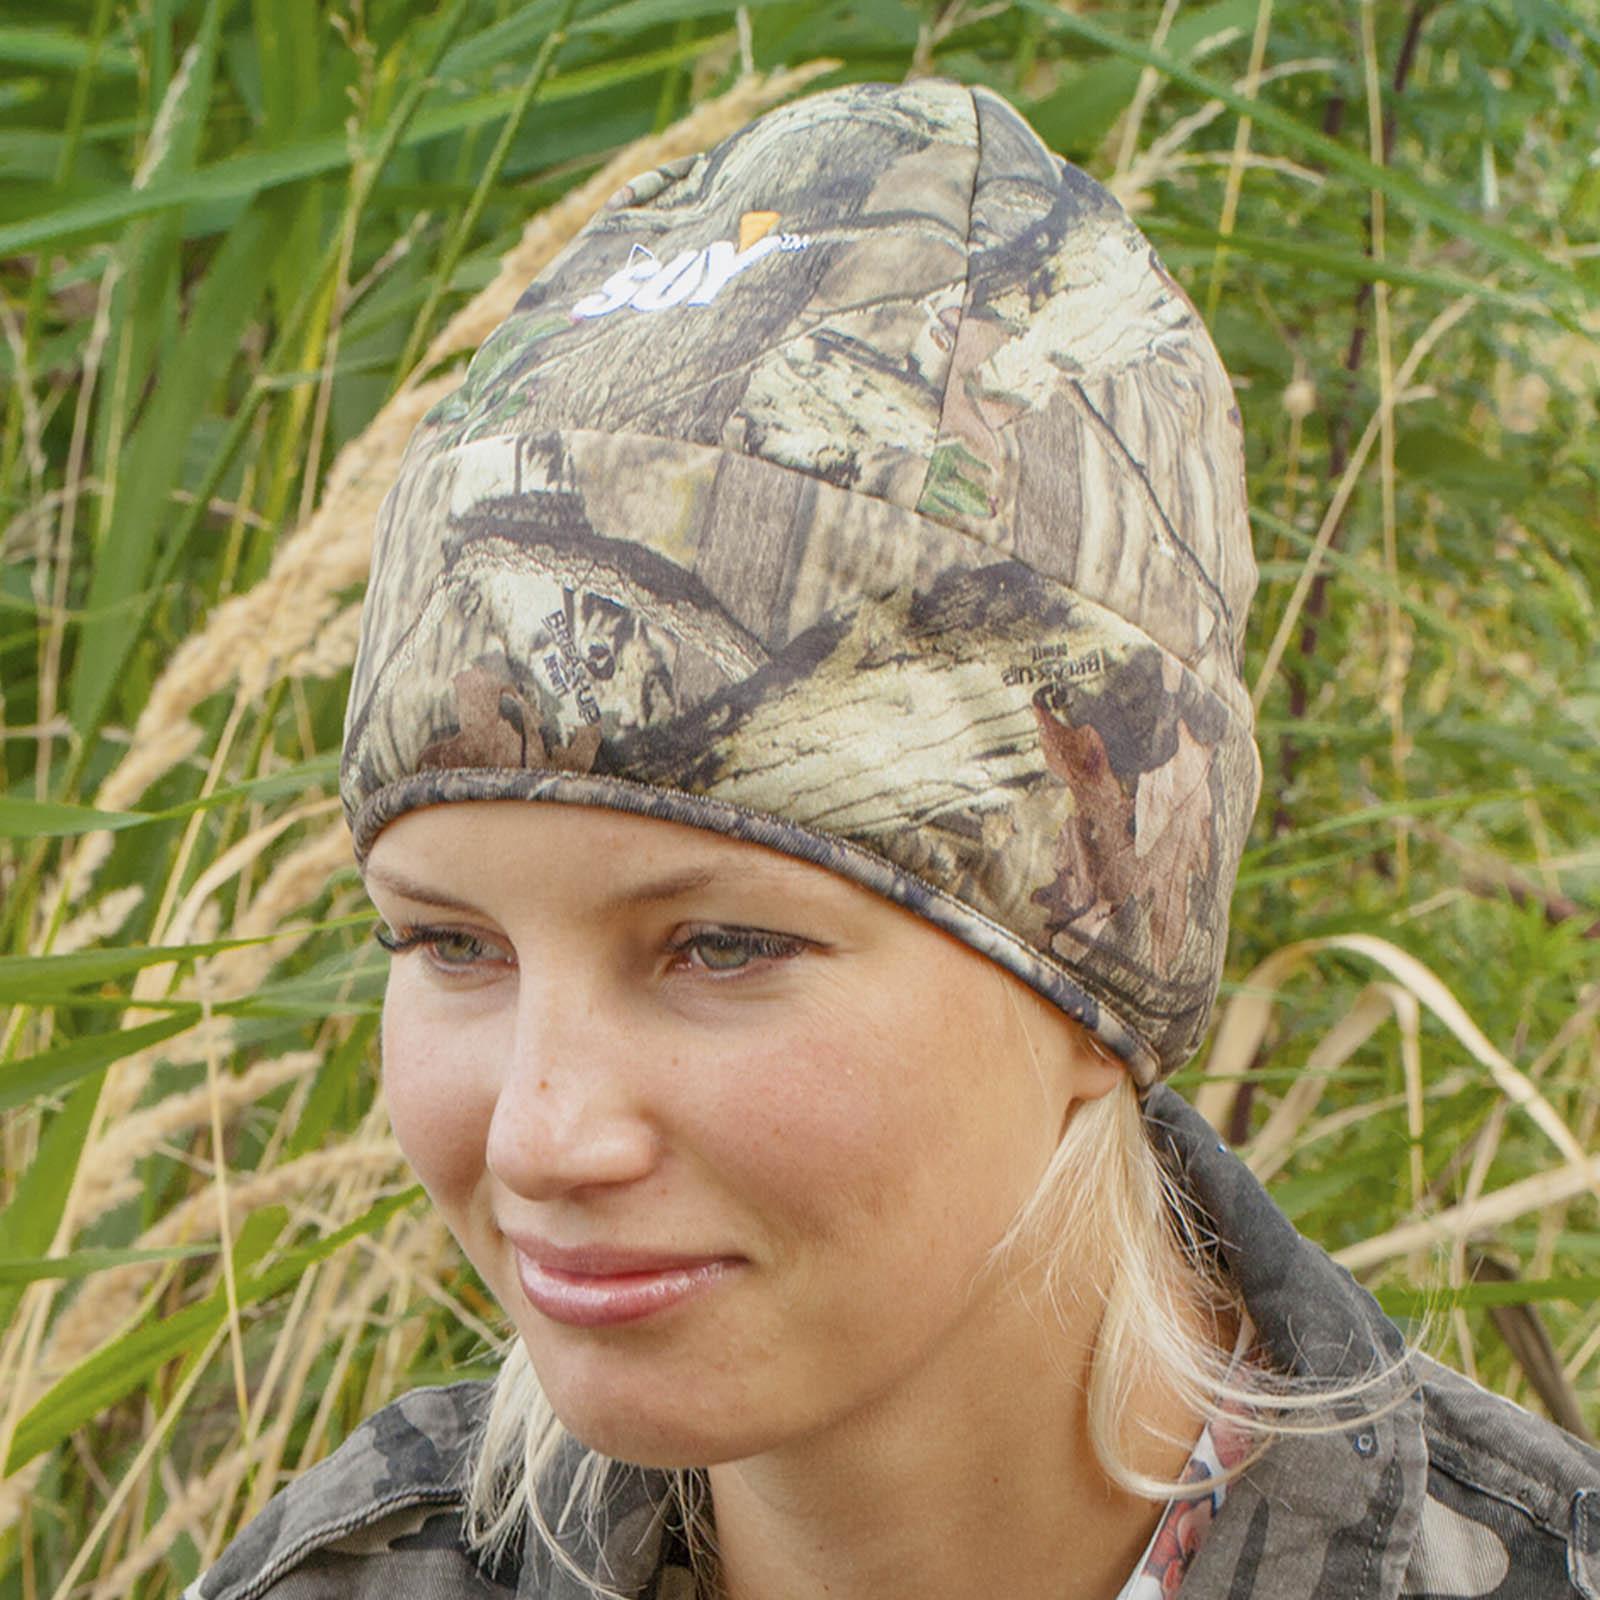 Охотничья камуфляжная одежда и аксессуары: от шапок до ножей